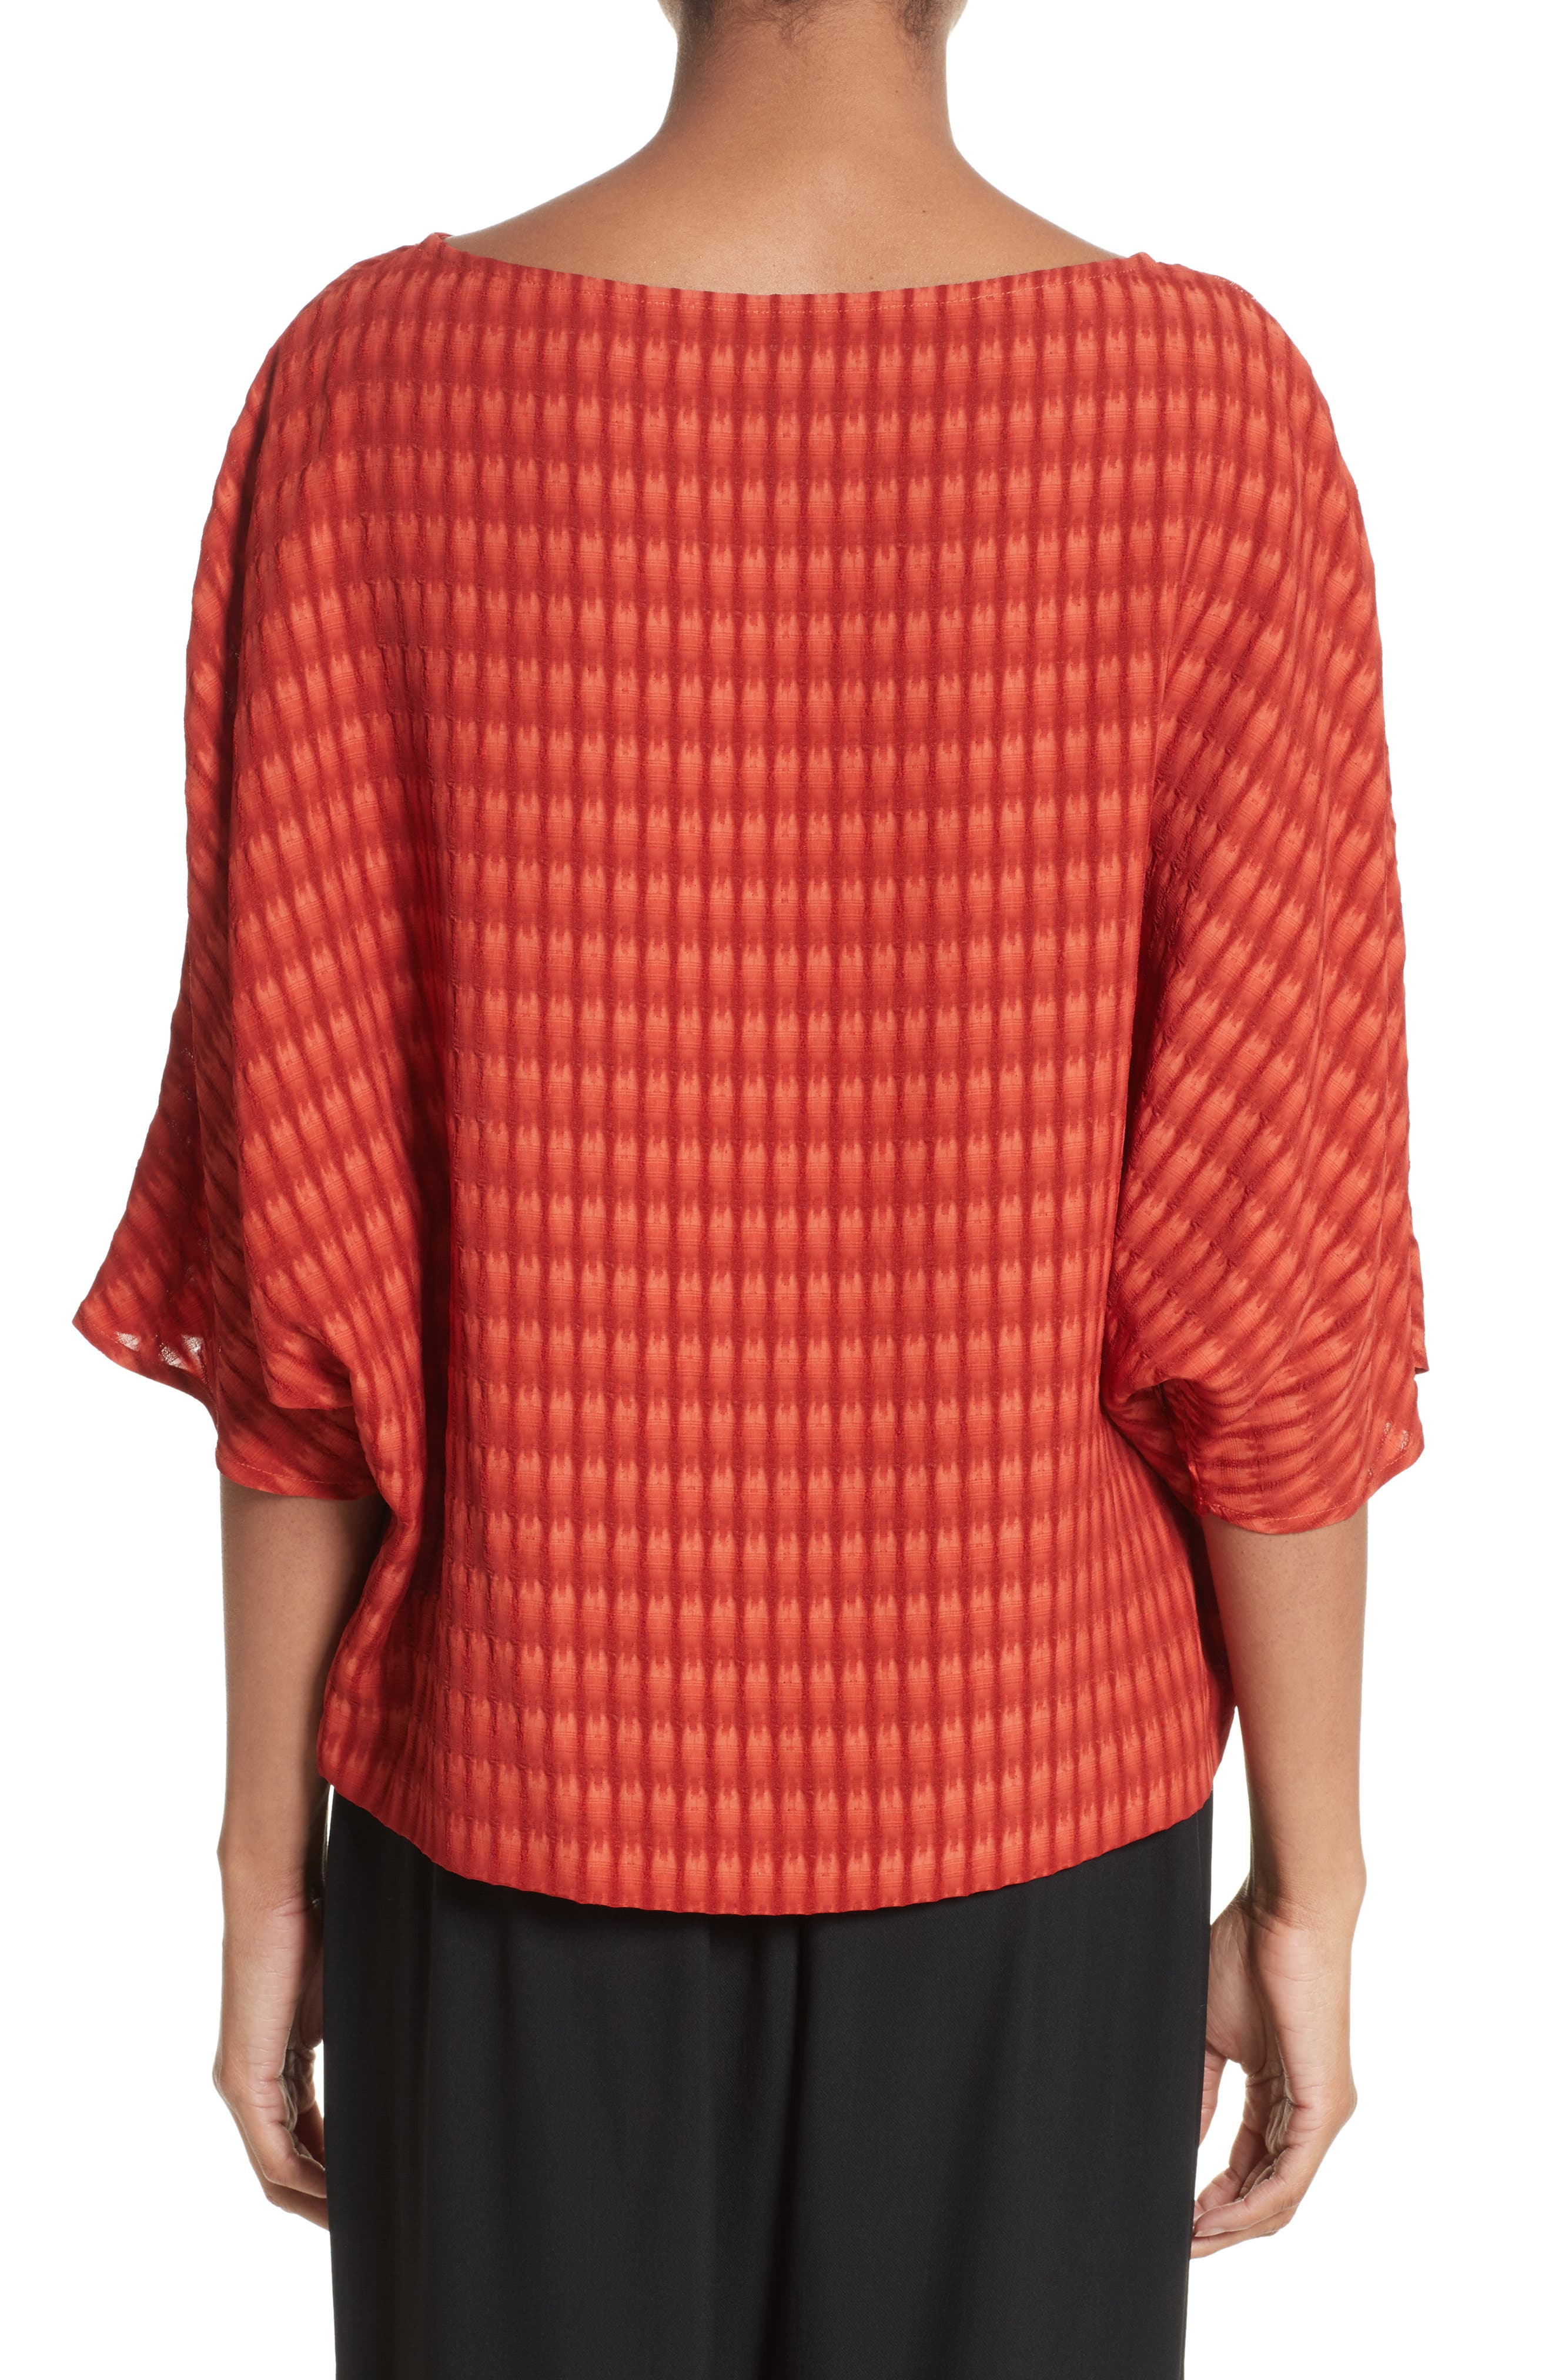 Vero Batik Plaid Top,                             Alternate thumbnail 2, color,                             Saffron Red